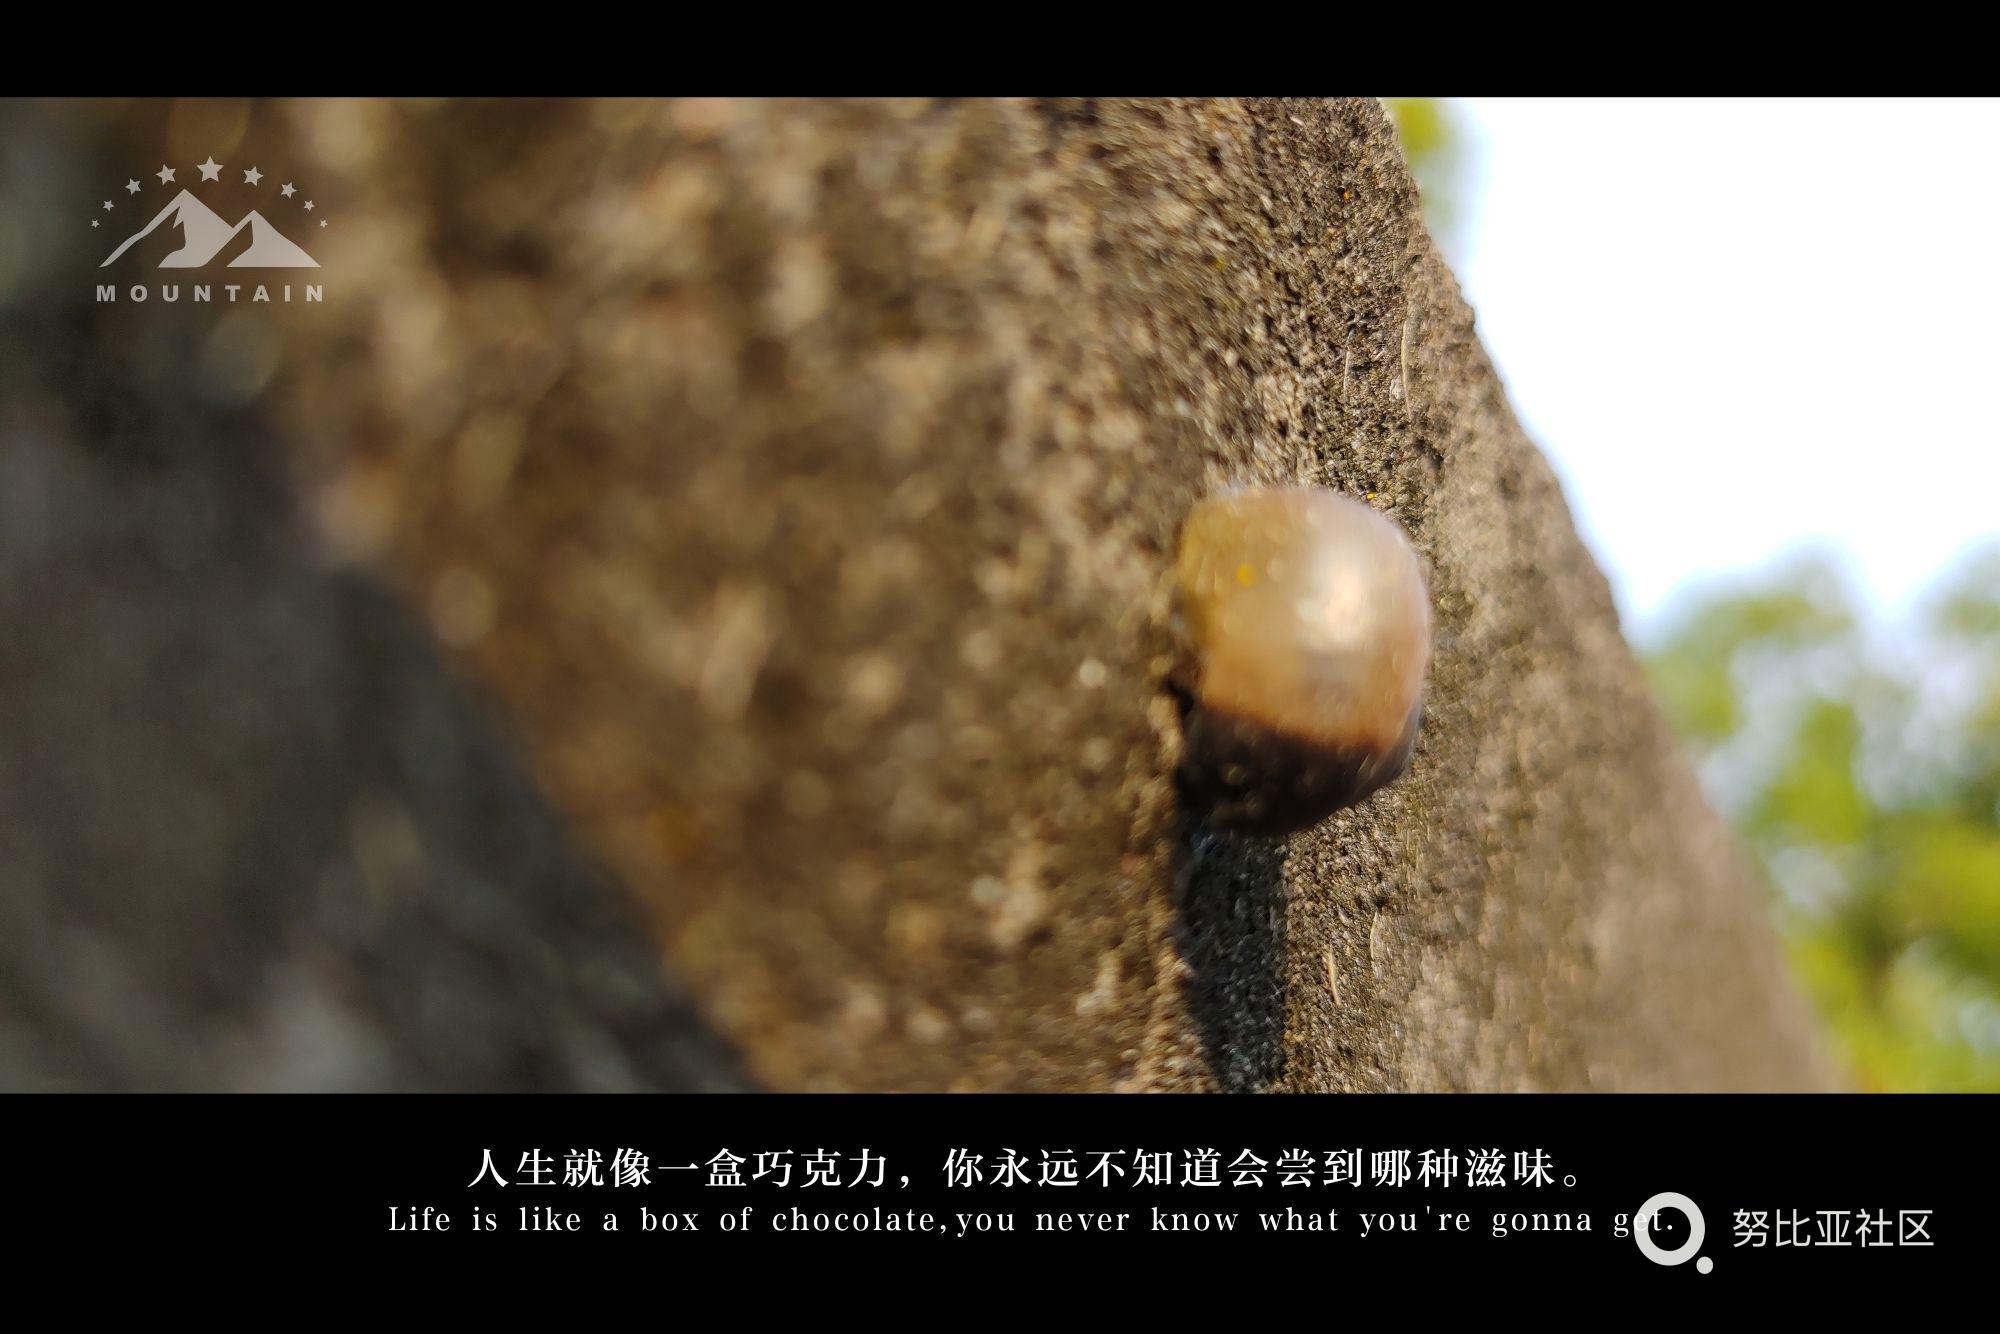 人生就是永远都不知道,惊喜和意外哪个先到来,我们永远都是攀爬的蜗牛,向往着阳光。